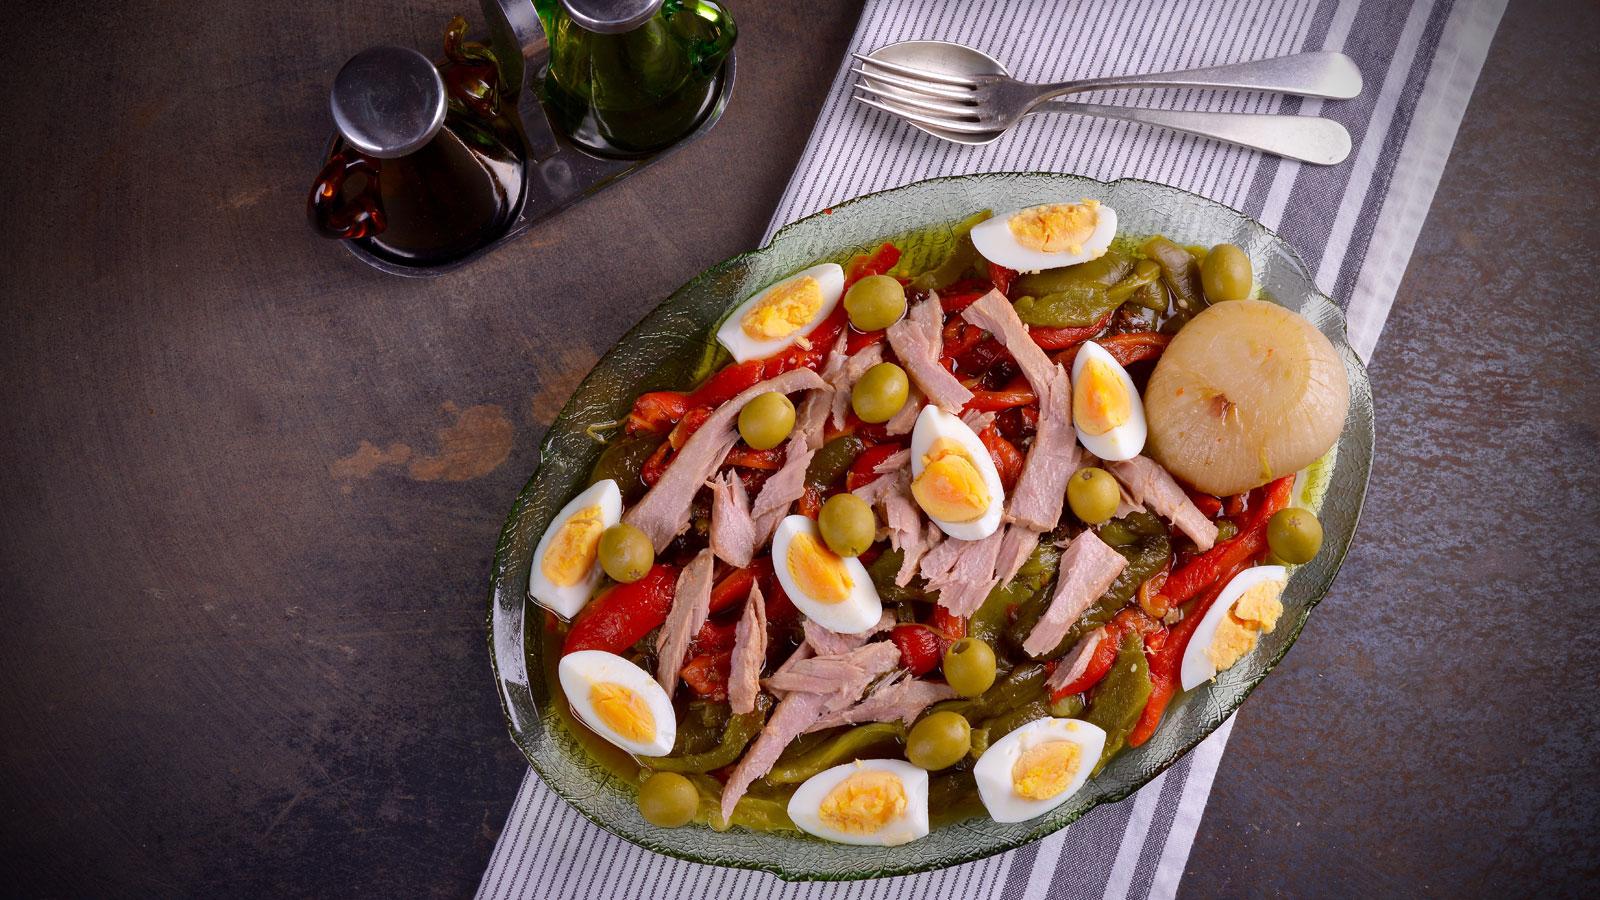 Asadillo de pimientos con ventresca de at n hermana mar a jos receta canal cocina - Divinos pucheros maria jose ...